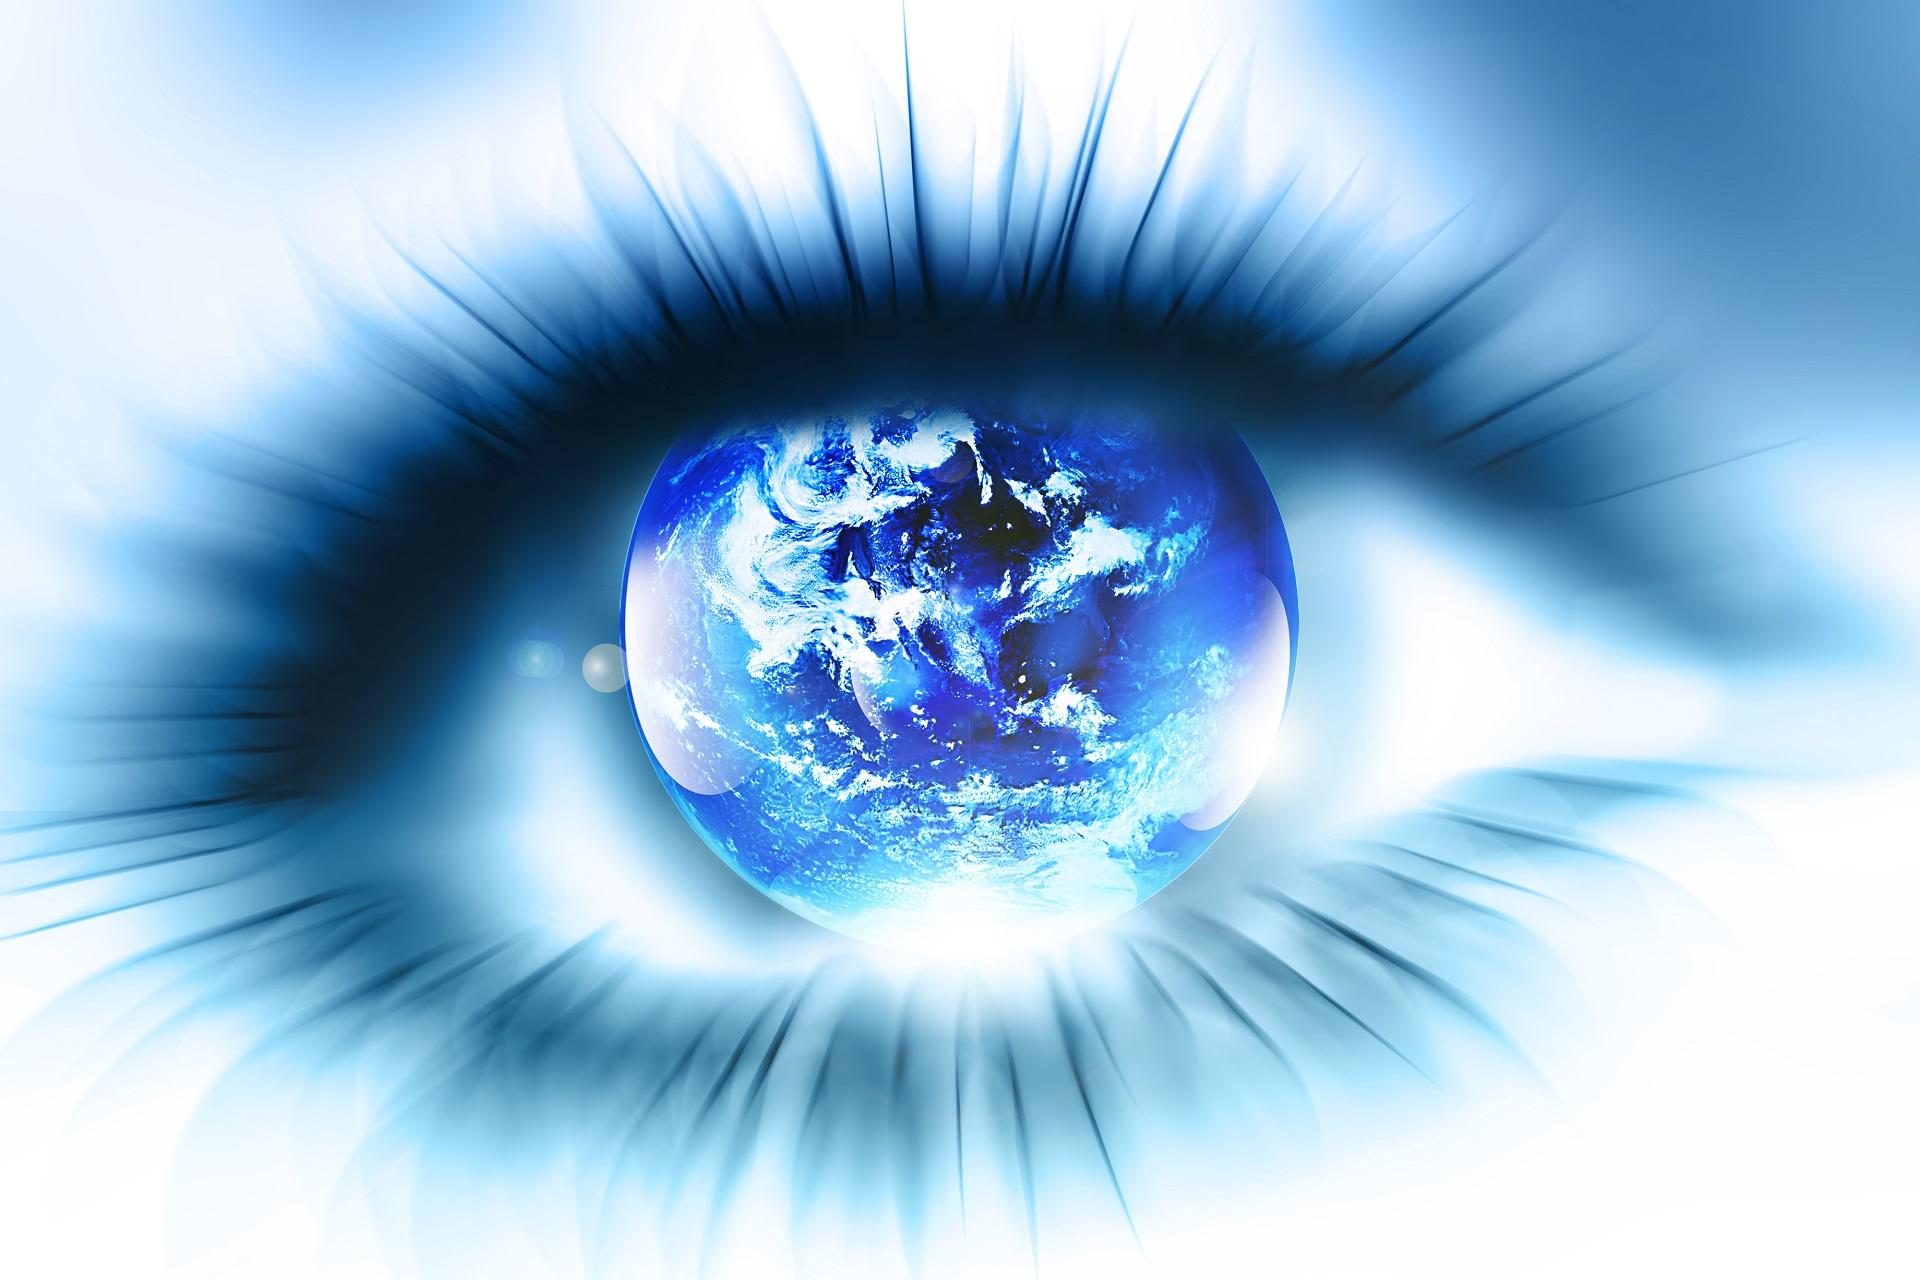 Мои воспоминания о прошлой жизни, Легко ли жить с воспоминаниями о прошлой жизни, Реинкарнация — это научный факт или вымысел?